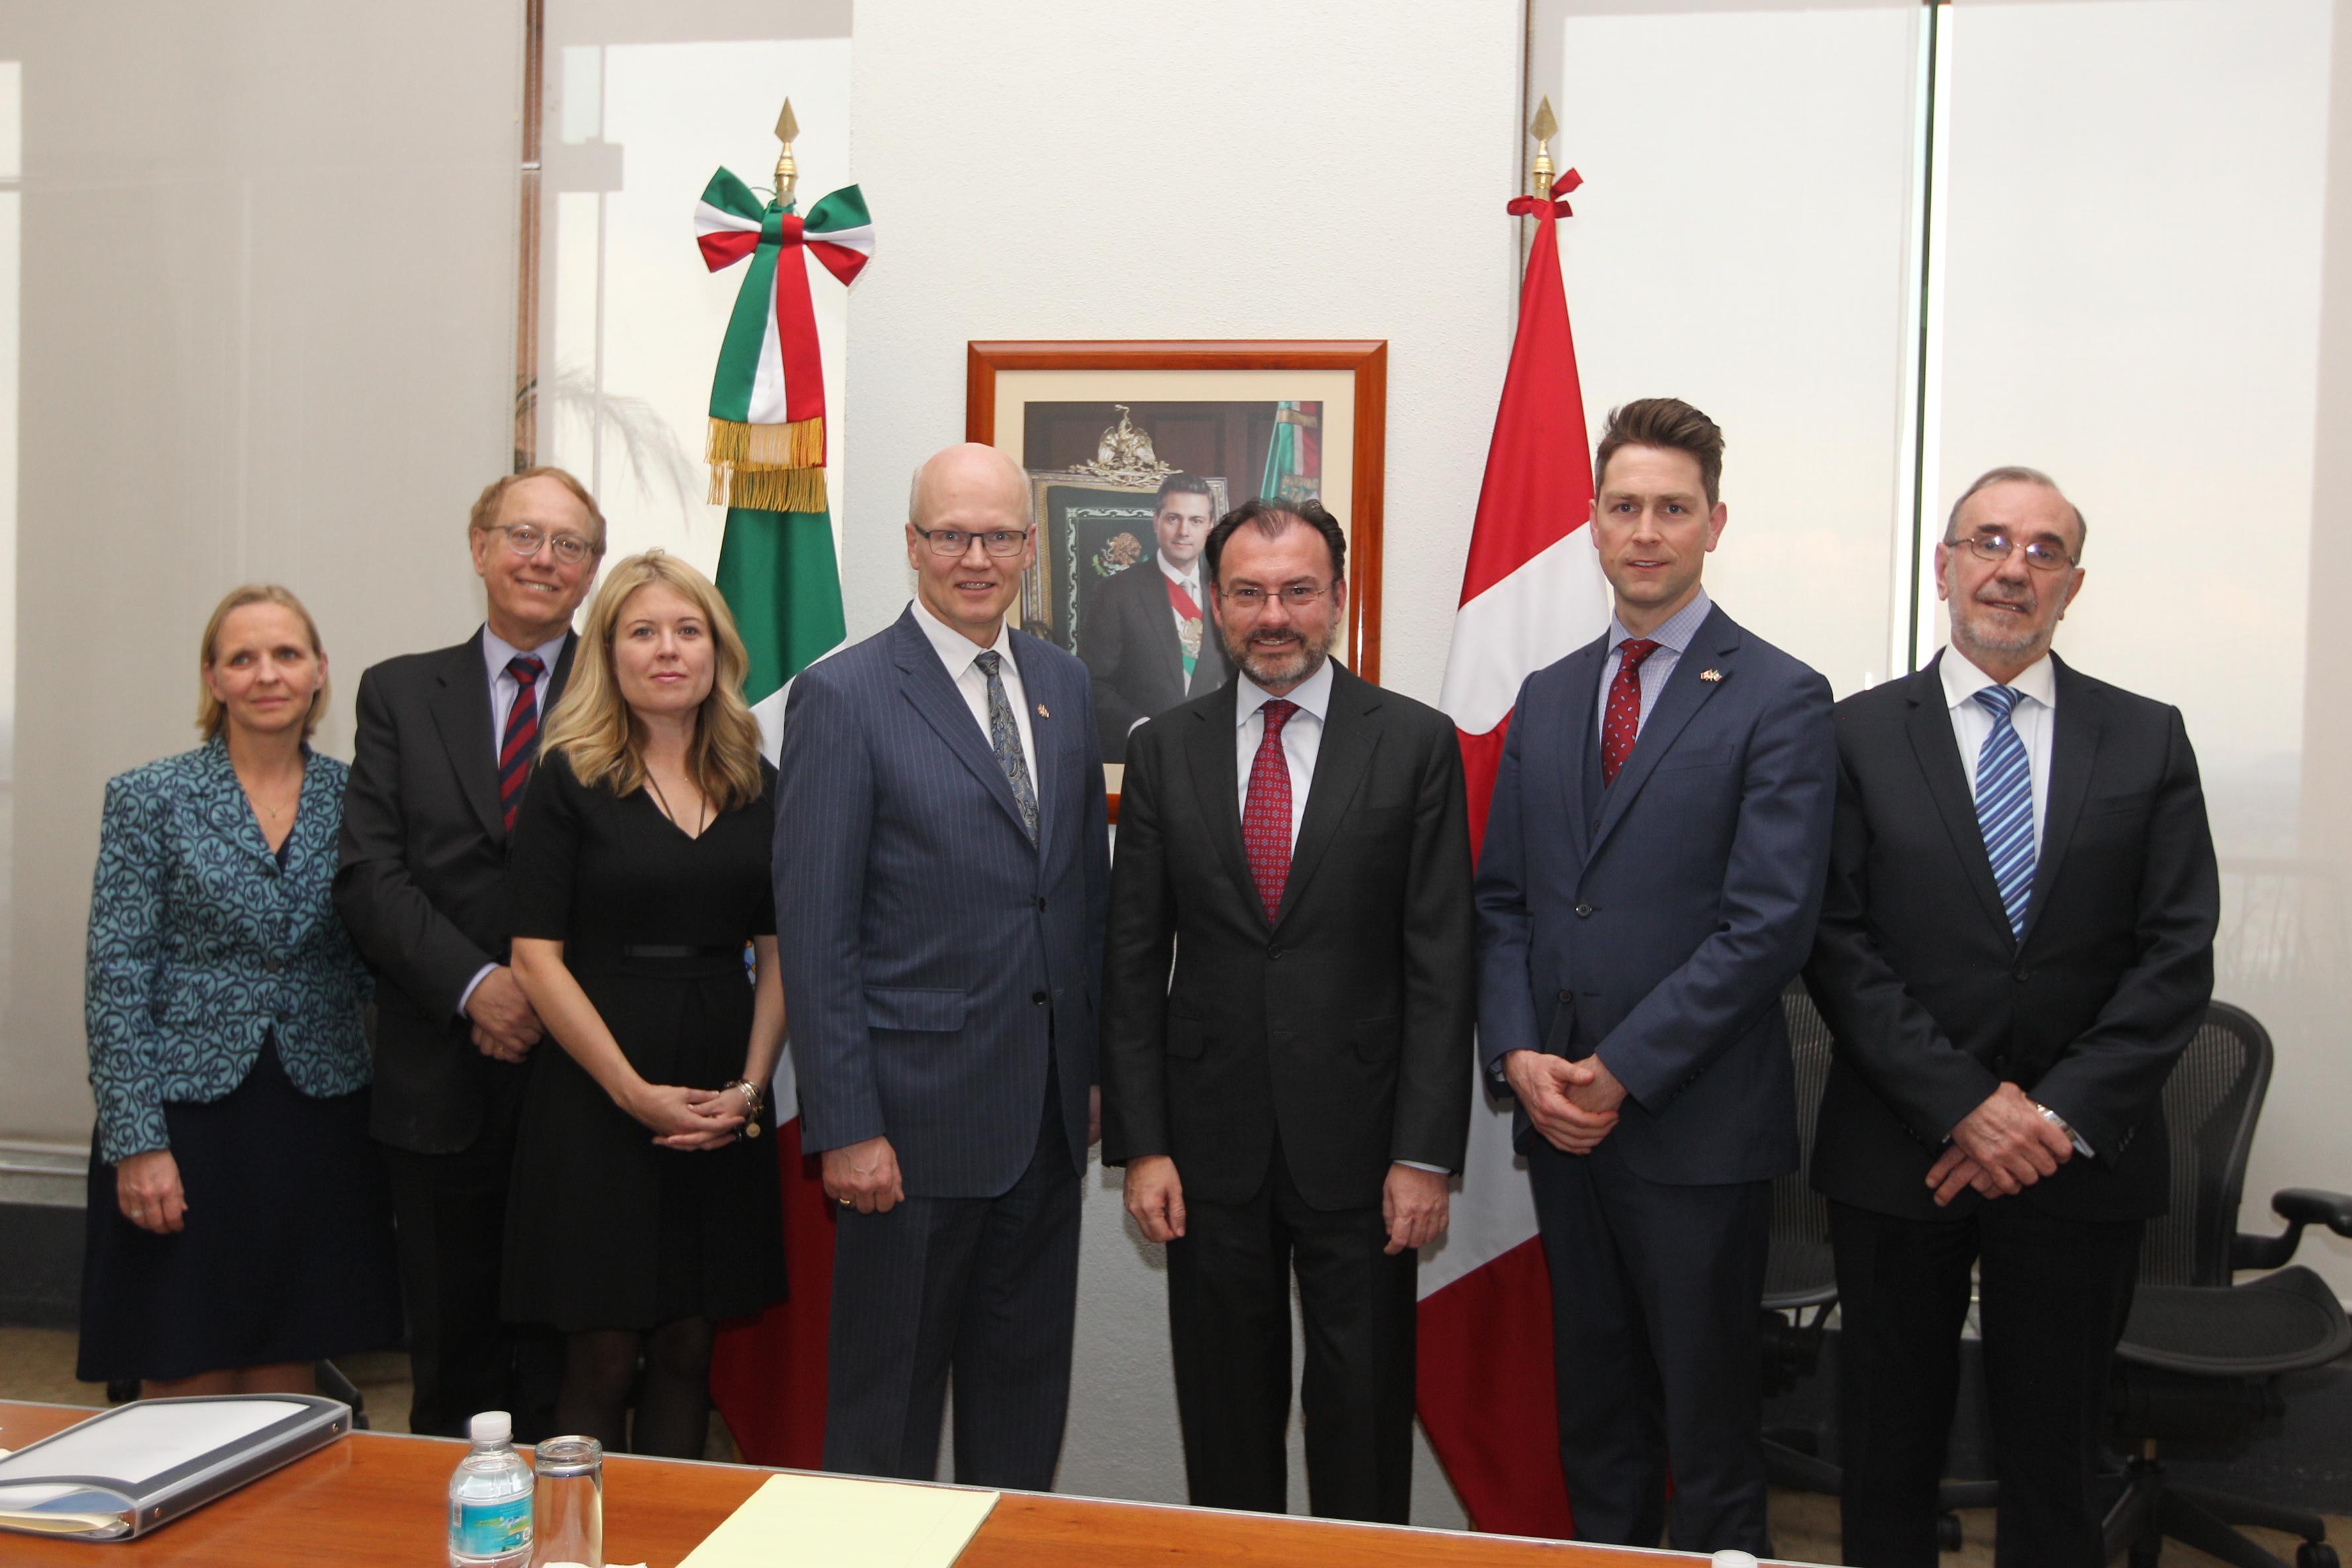 El Canciller Videgaray se reúne con el Presidente de la Cámara de los Comunes de Canadá y a un grupo de Parlamentarios canadienses.